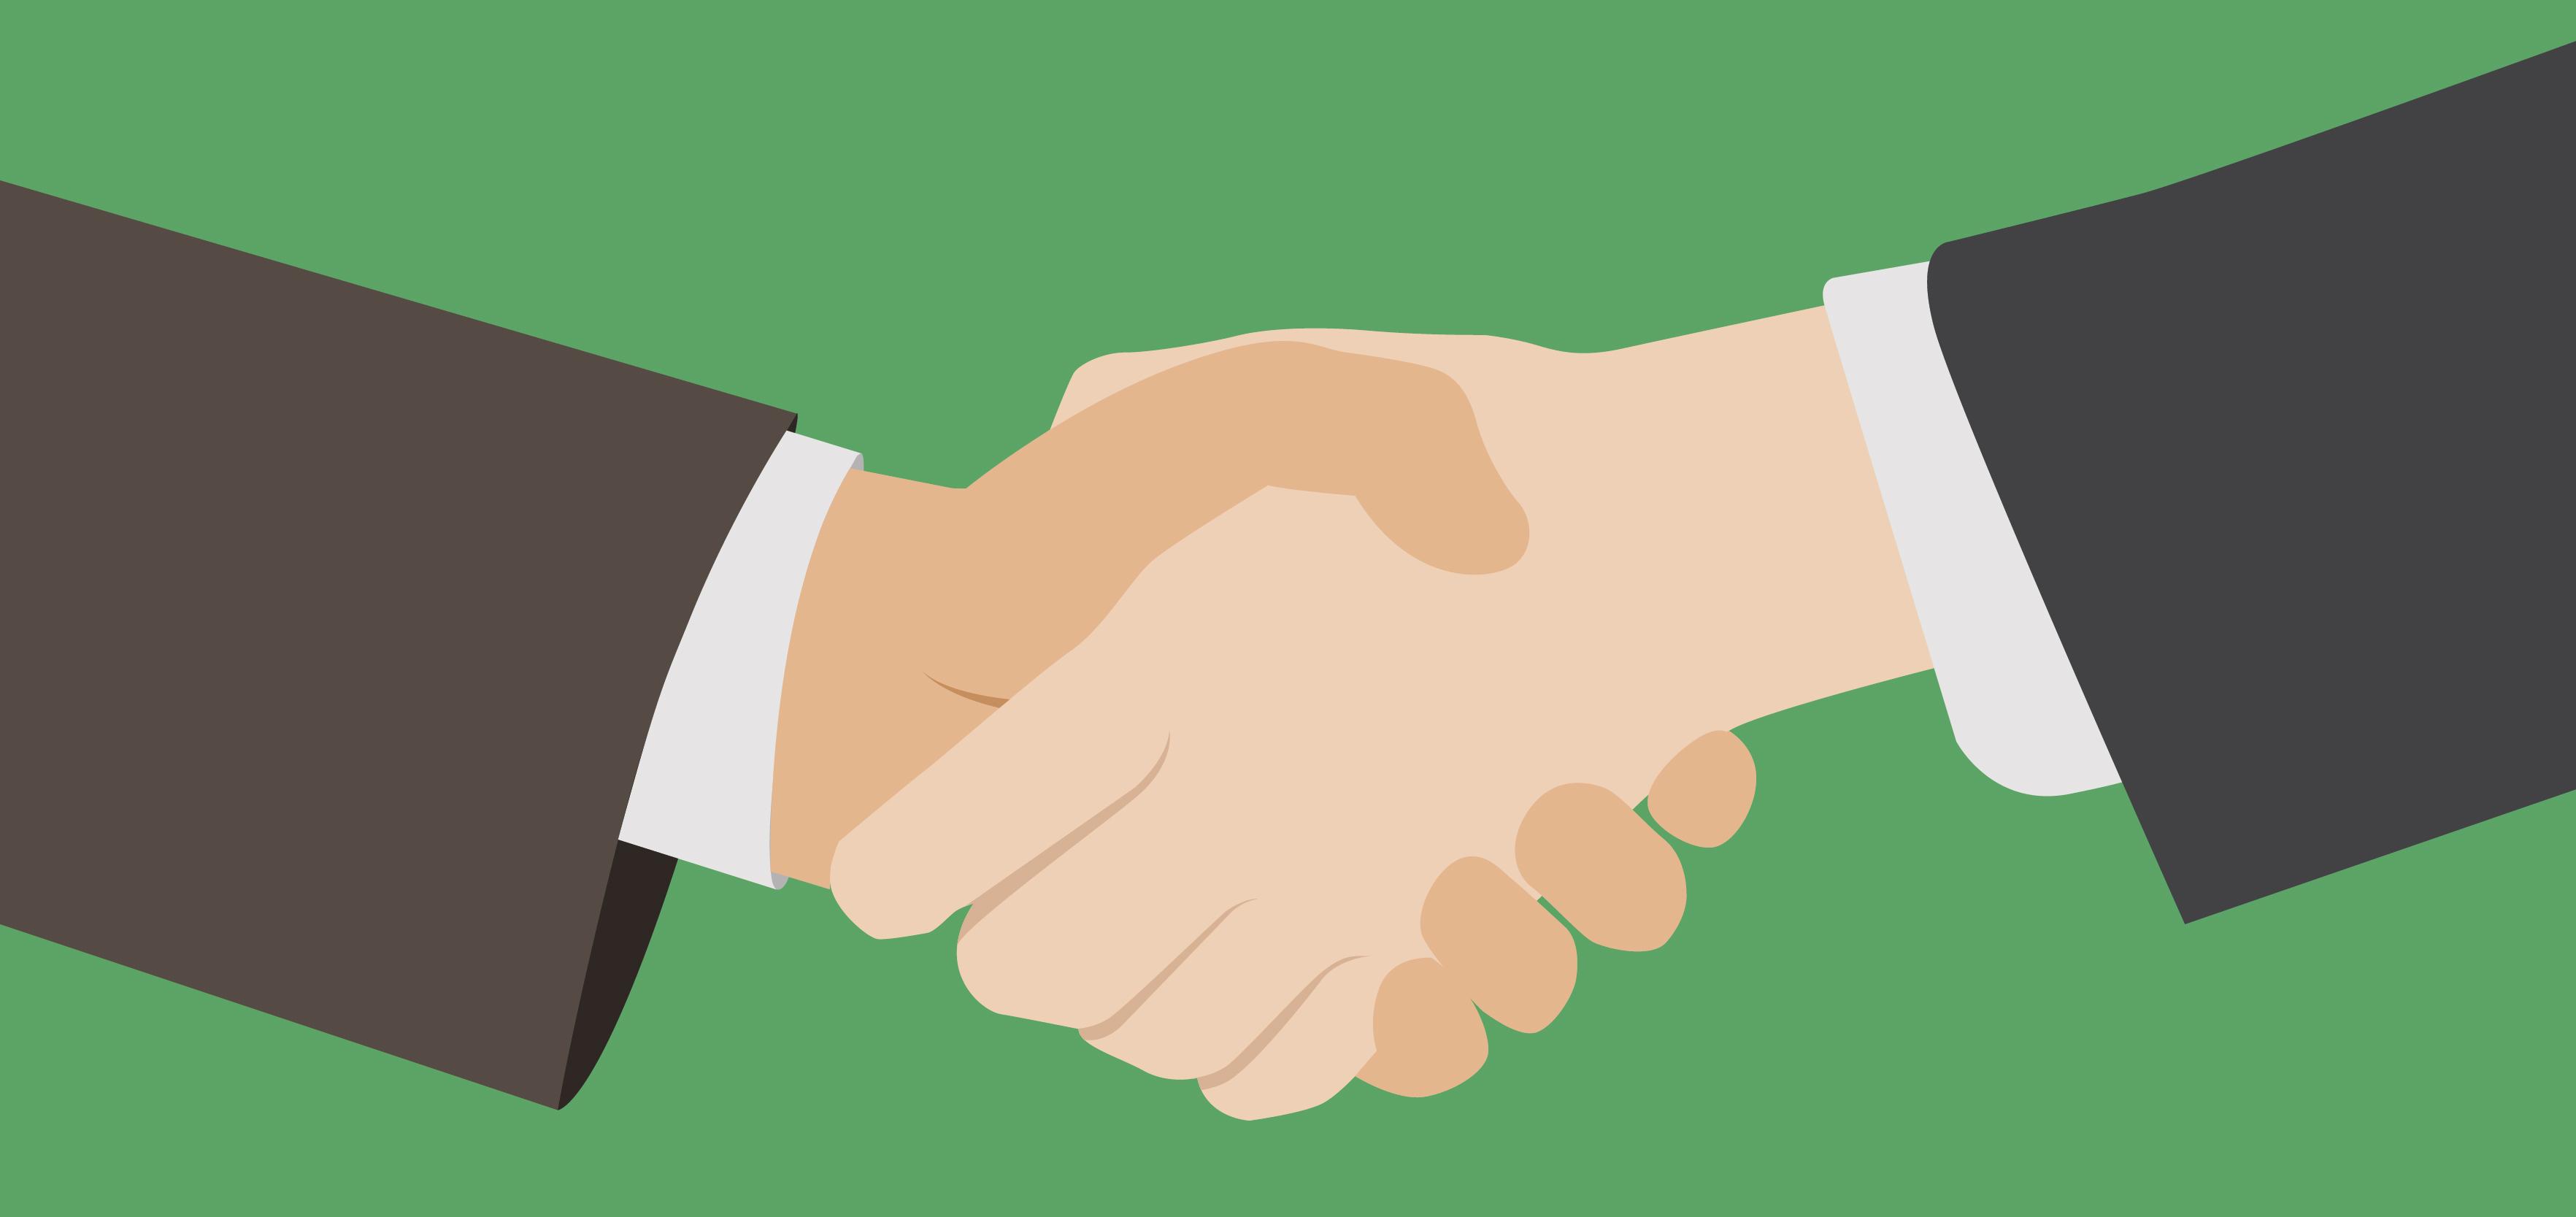 Quiero vender mi casa qu tengo que hacer blog - Por cuanto puedo vender mi casa ...